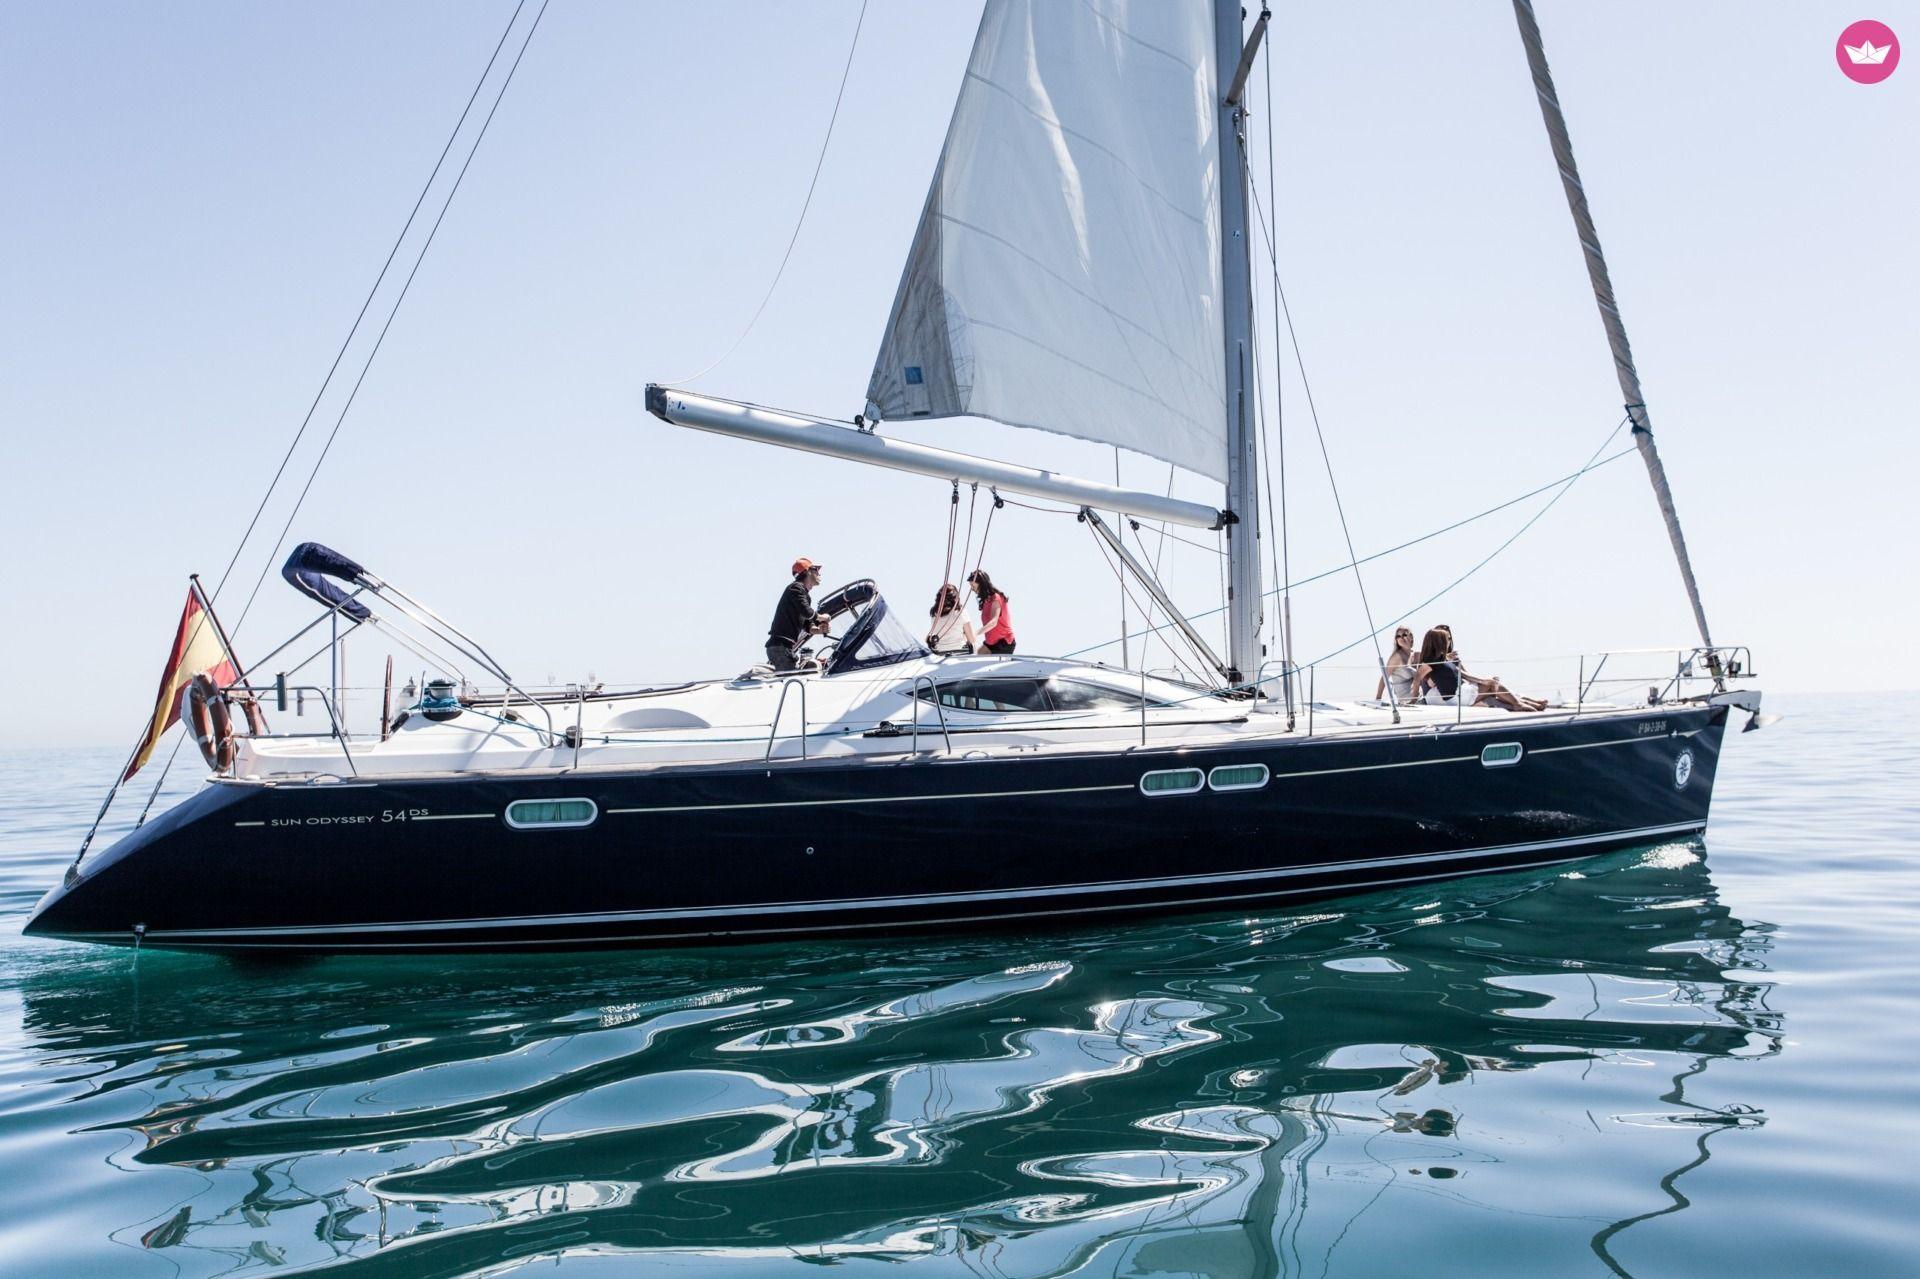 Sailboat Jeanneau Sun Odyssey 54 Ds 16 75m